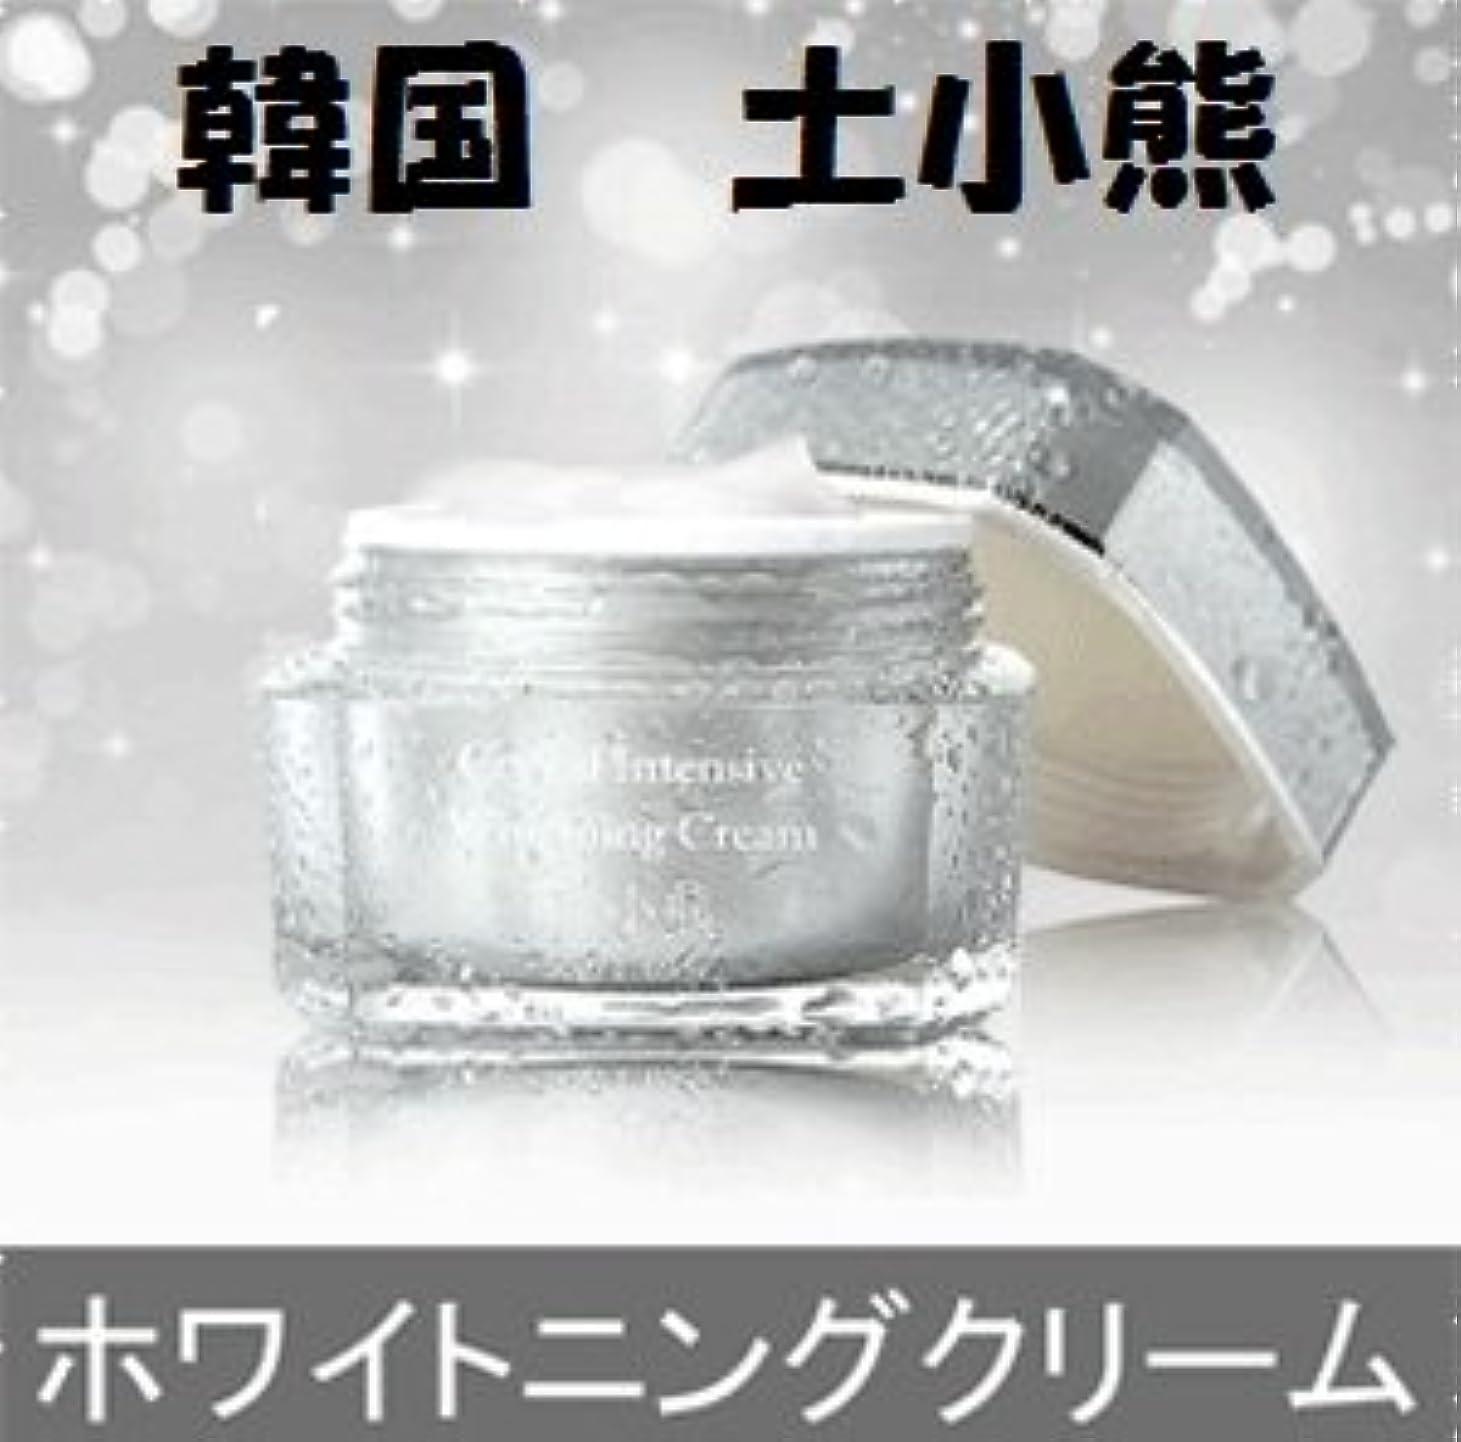 なかなか貢献する注入韓国 土小熊 (ドソウン) ホワイトニング クリーム 50g